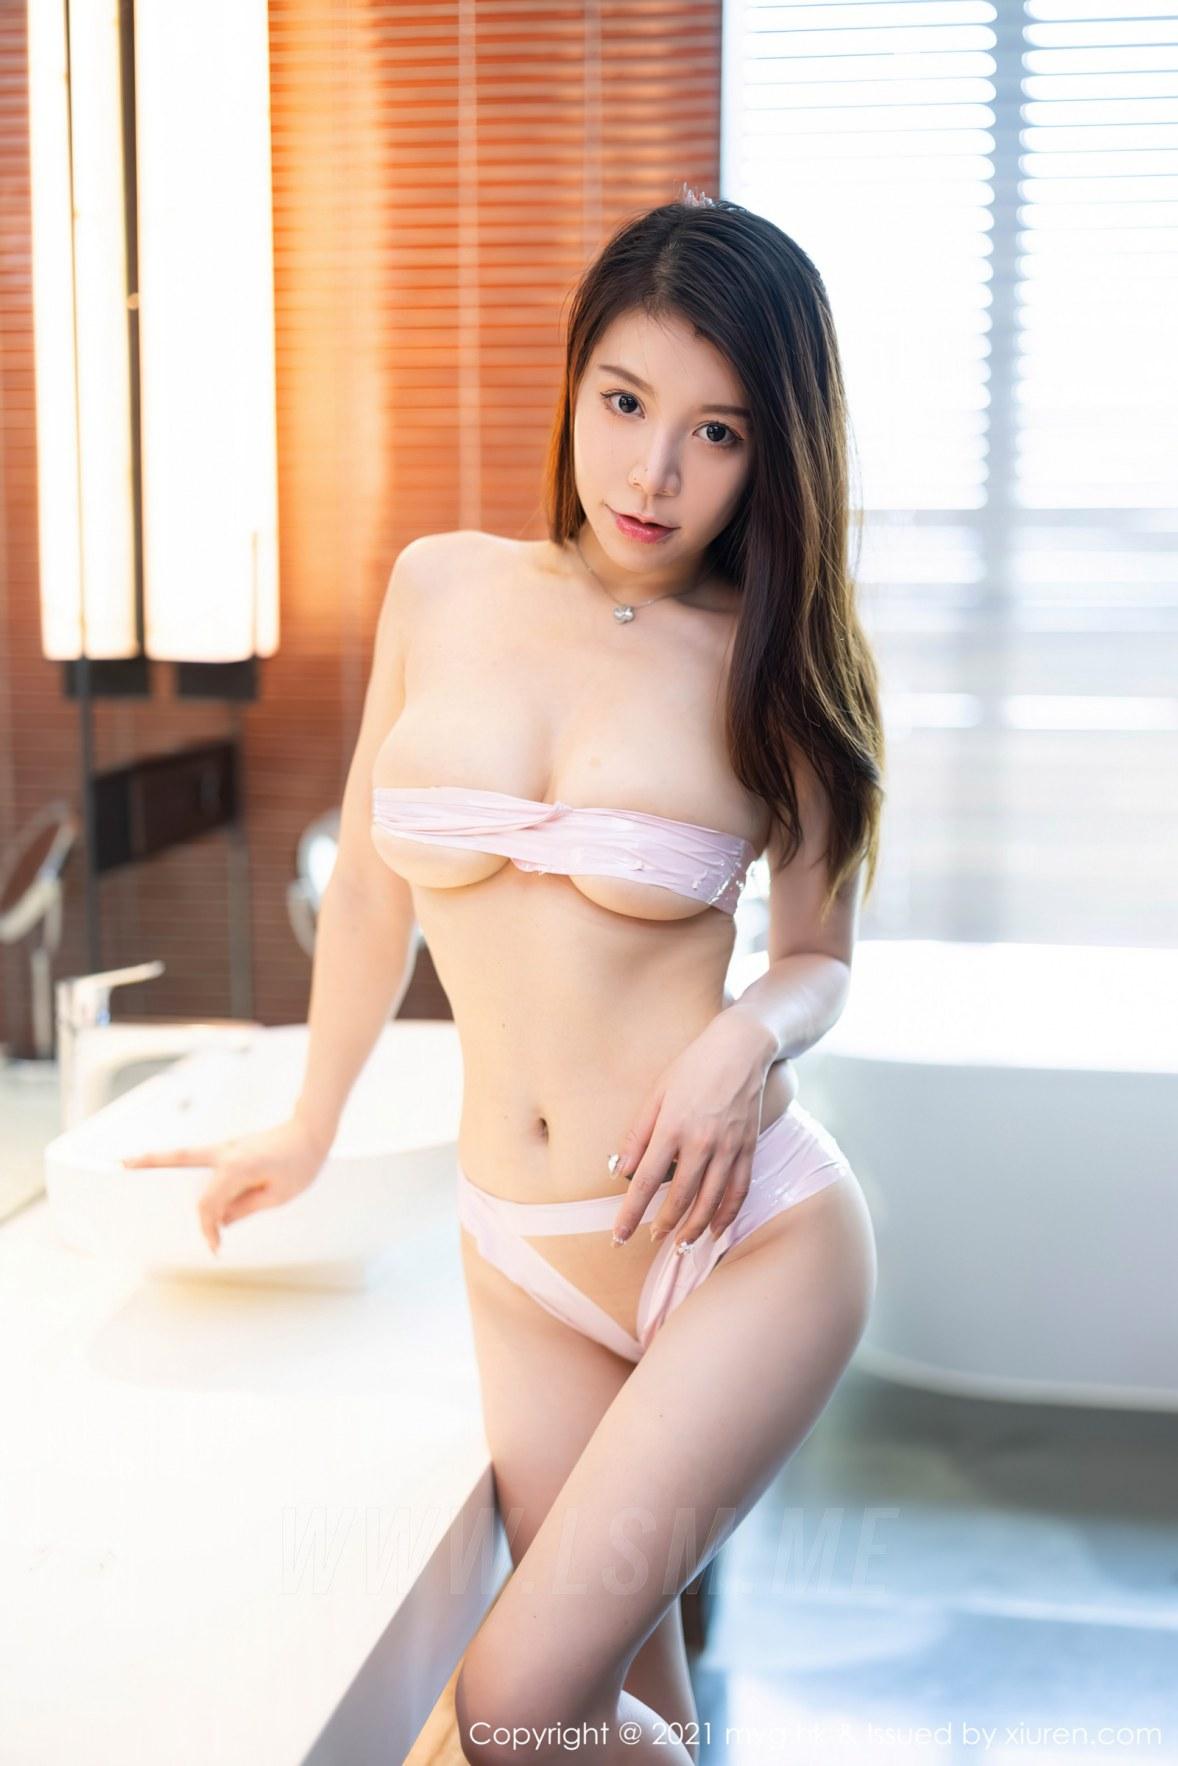 MyGirl 美媛馆 Vol.596 丰满姿态 vetiver嘉宝贝儿 性感写真11 - 3